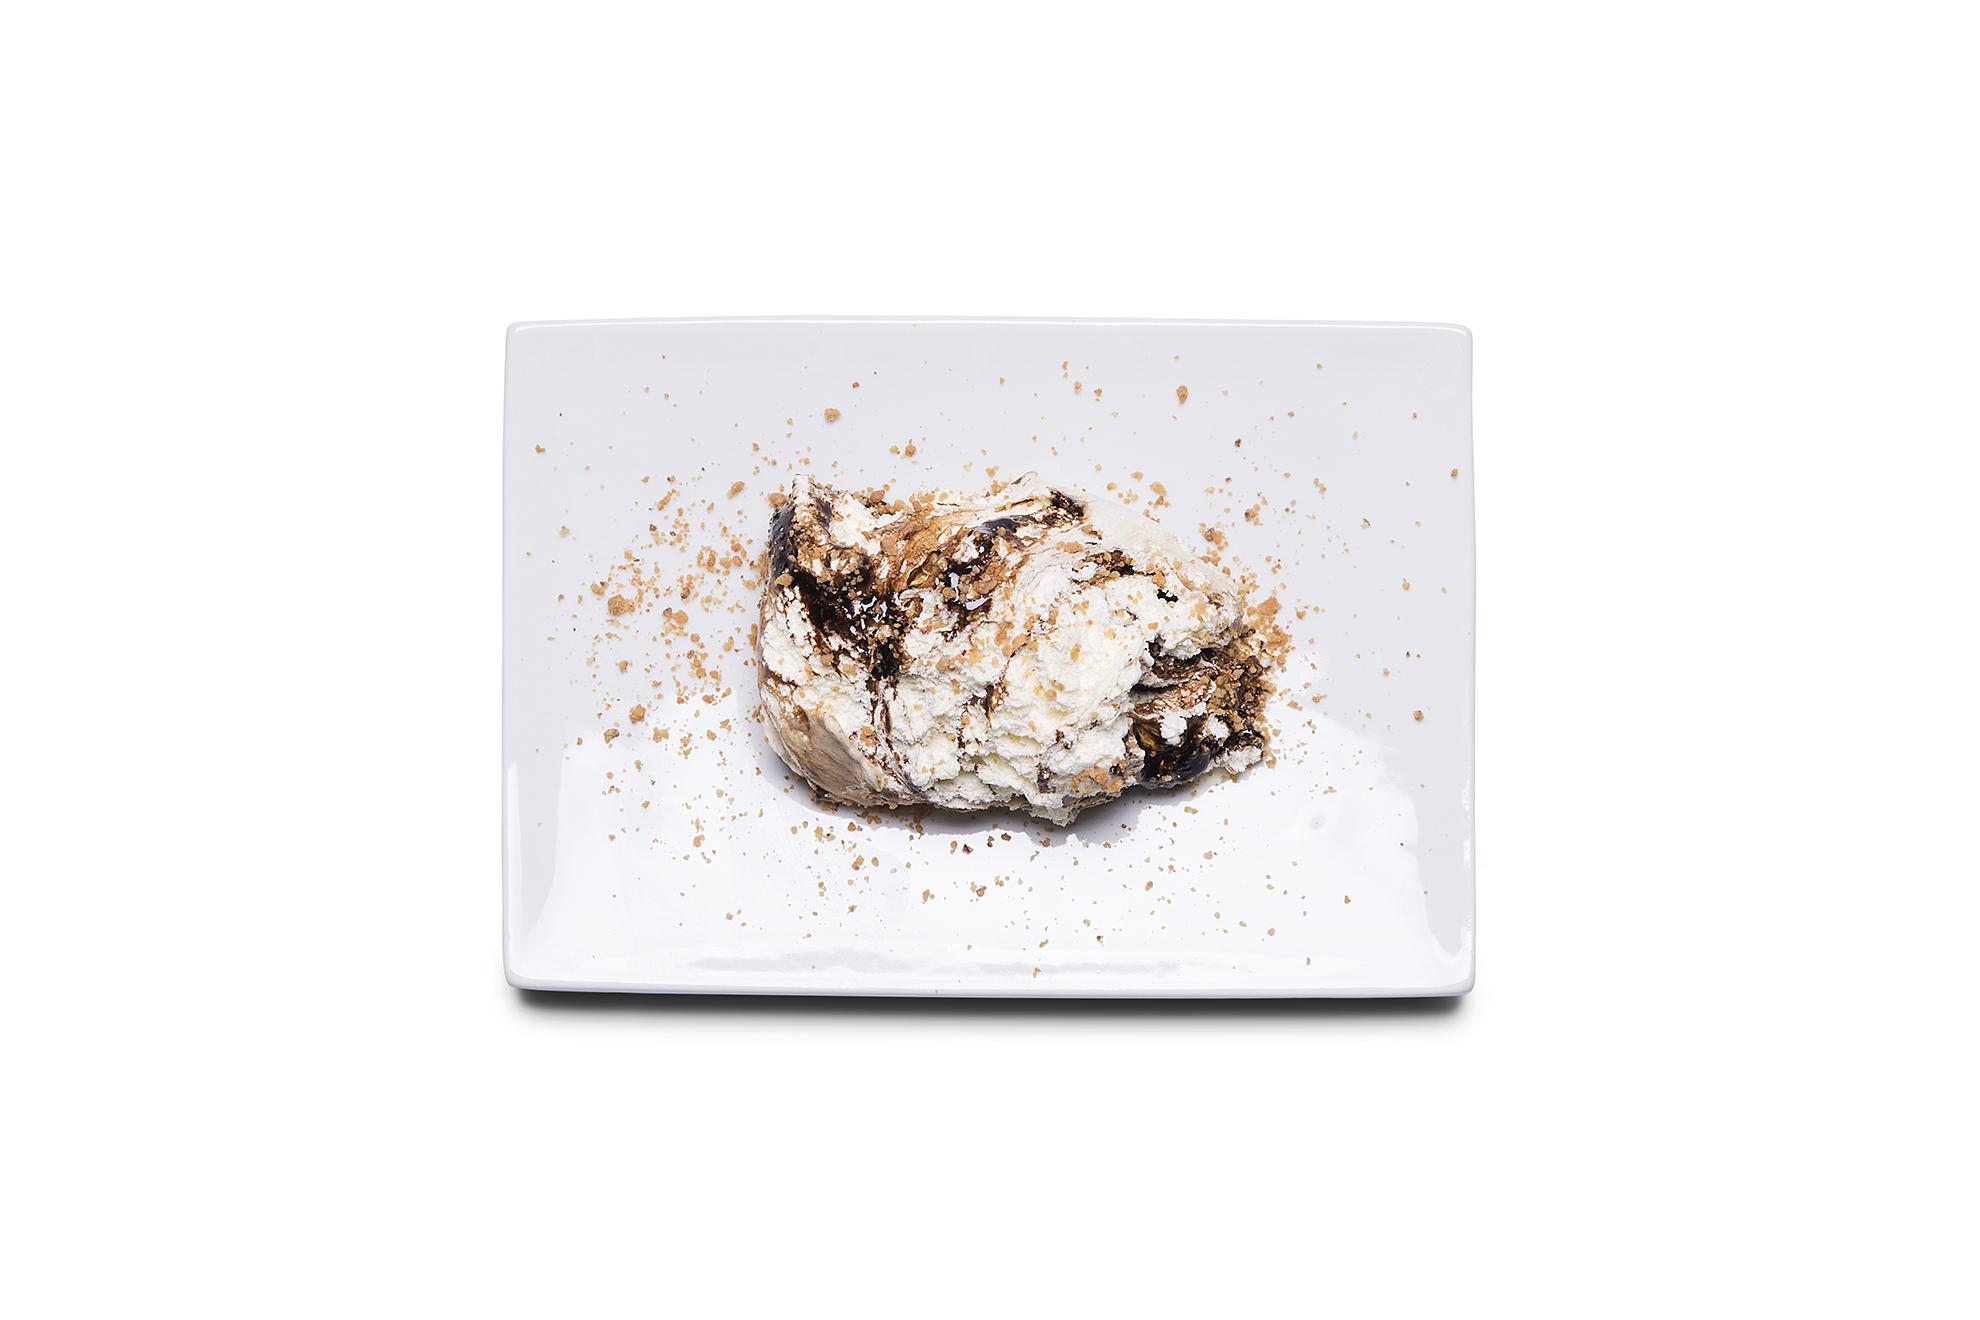 vittorio errico still life fotografia pubblicitaria photography gelateria passione gelato